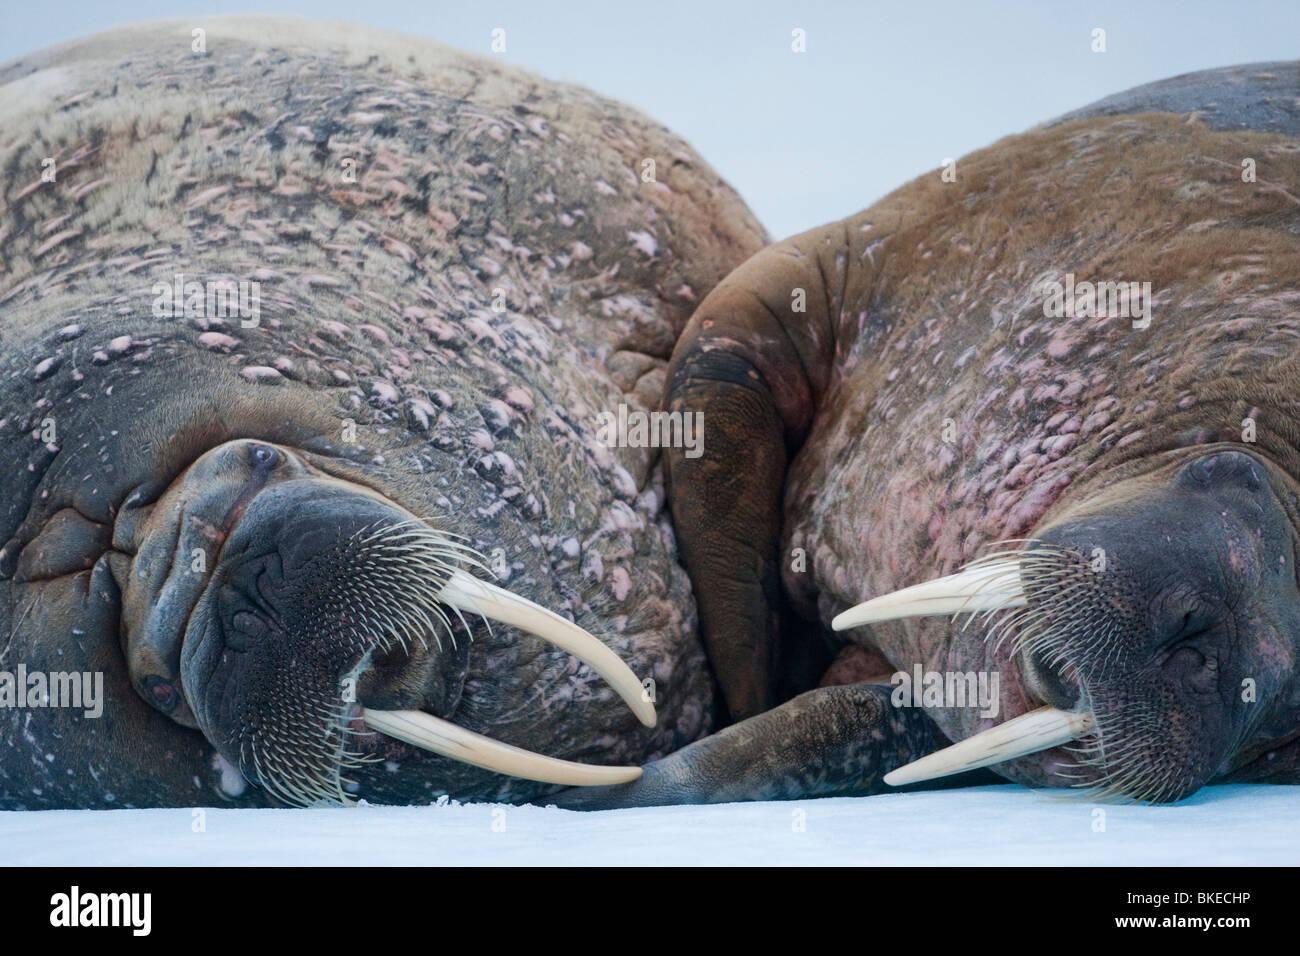 Norvegia Isole Svalbard, Nordaustlandet, due trichechi (Odobenus rosmarus) dormire sul mare di ghiaccio vicino Lagøya Immagini Stock